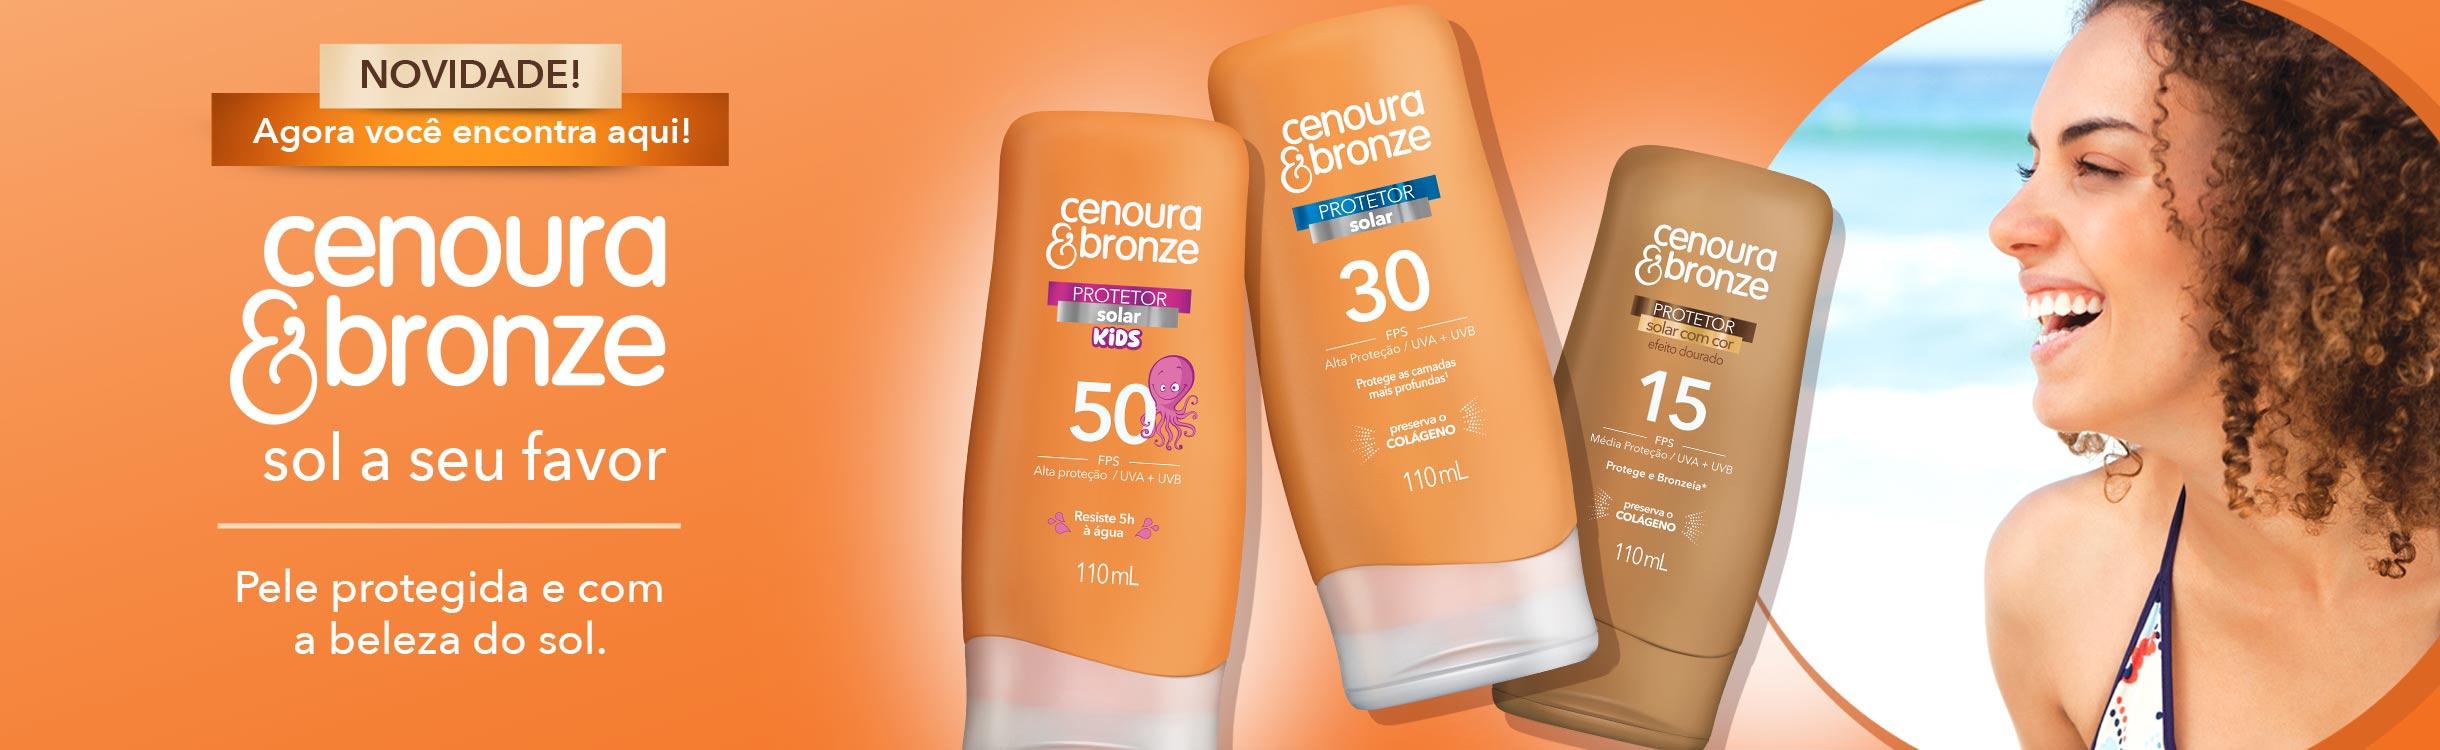 Cenoura e bronze/Cuidados para pele/Rosto